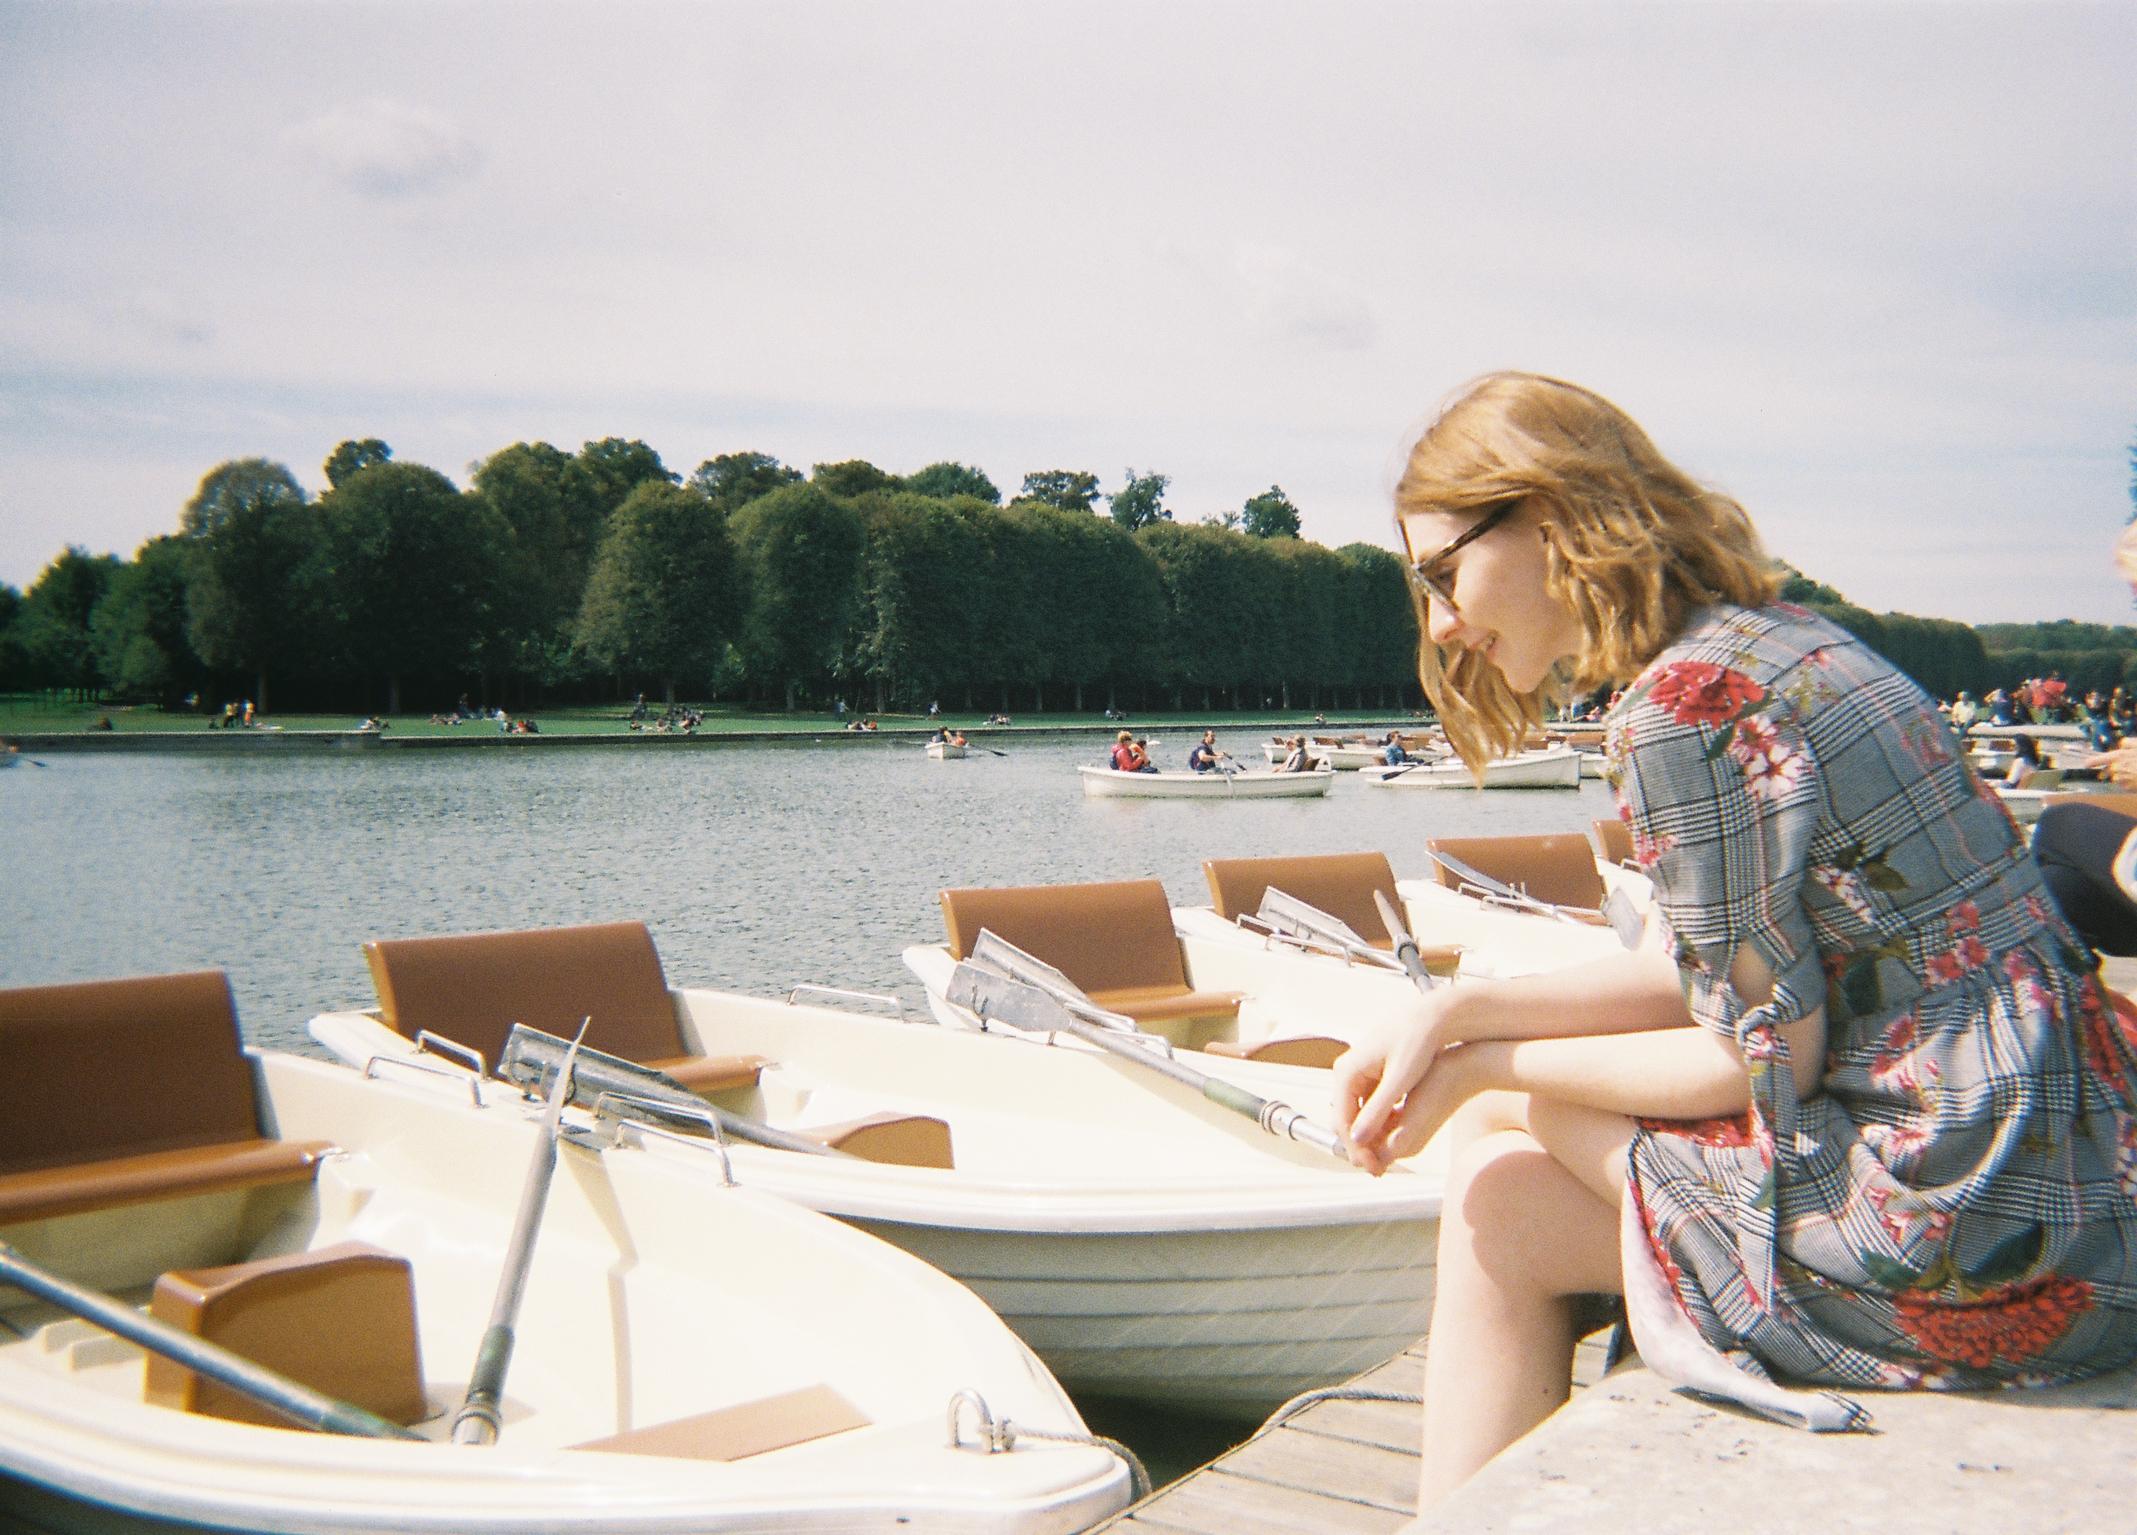 3rd September - Versailles, Paris